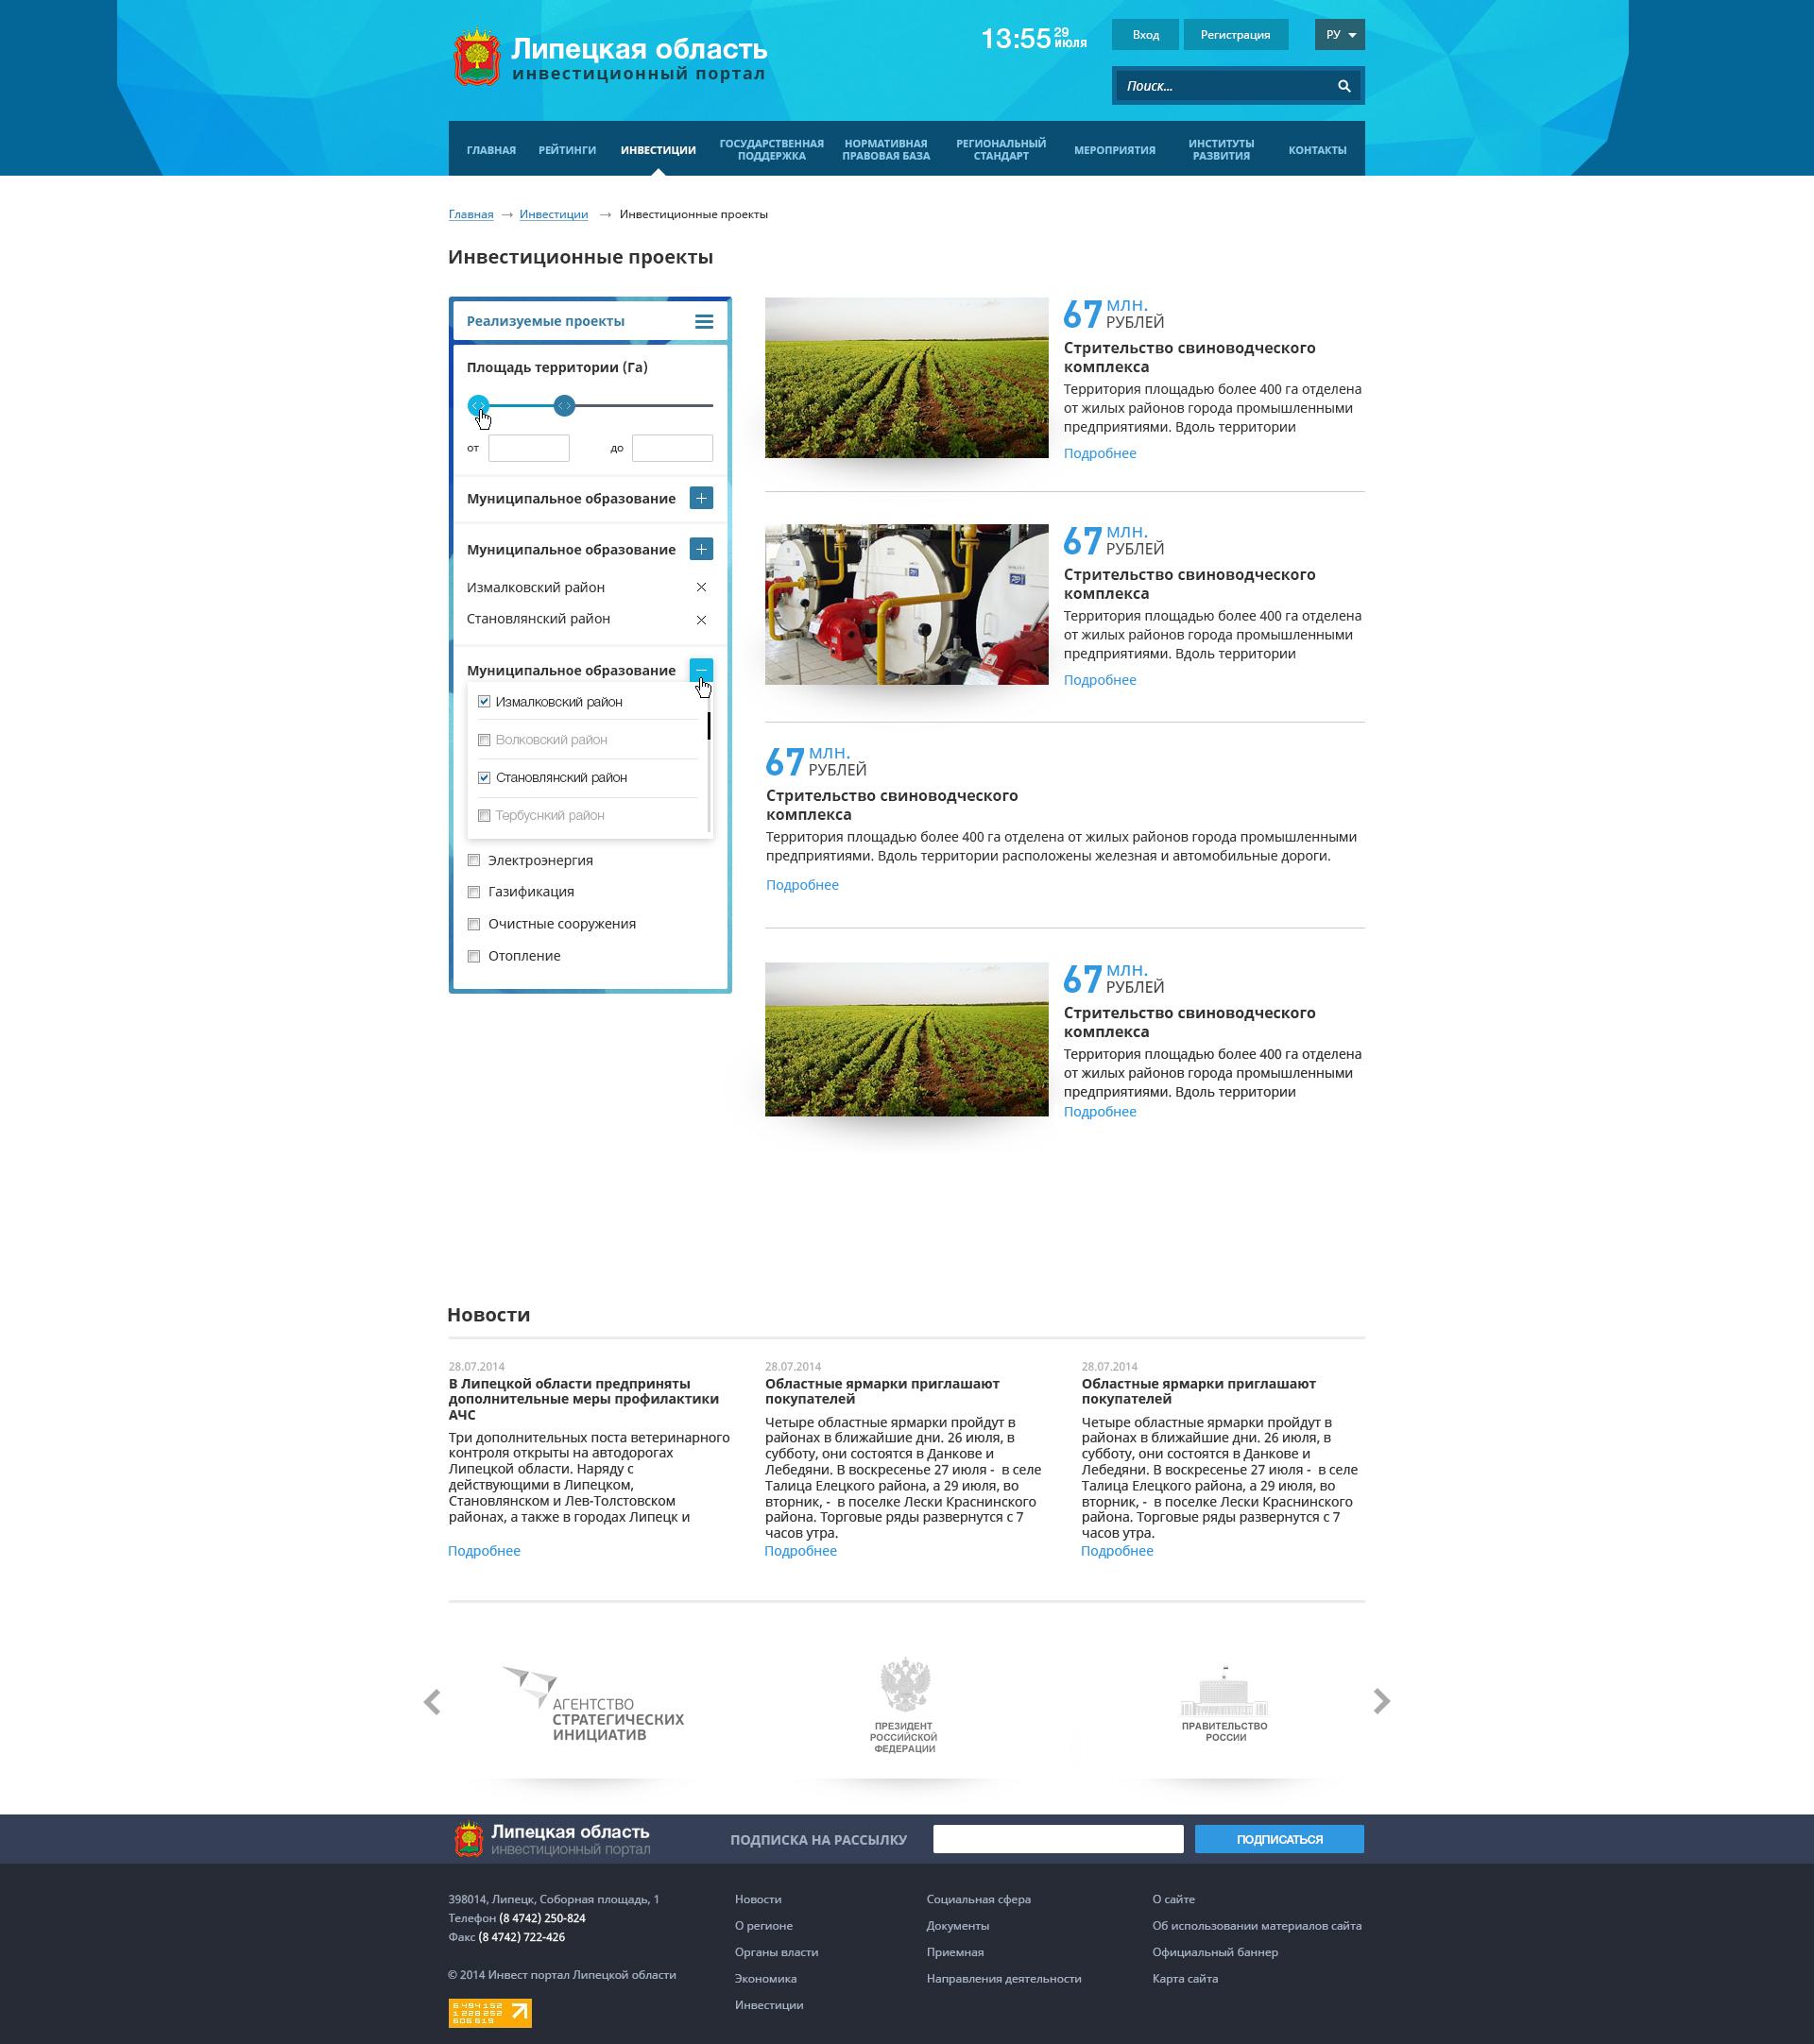 Дизайн инвестиционного сайта Липецкой области